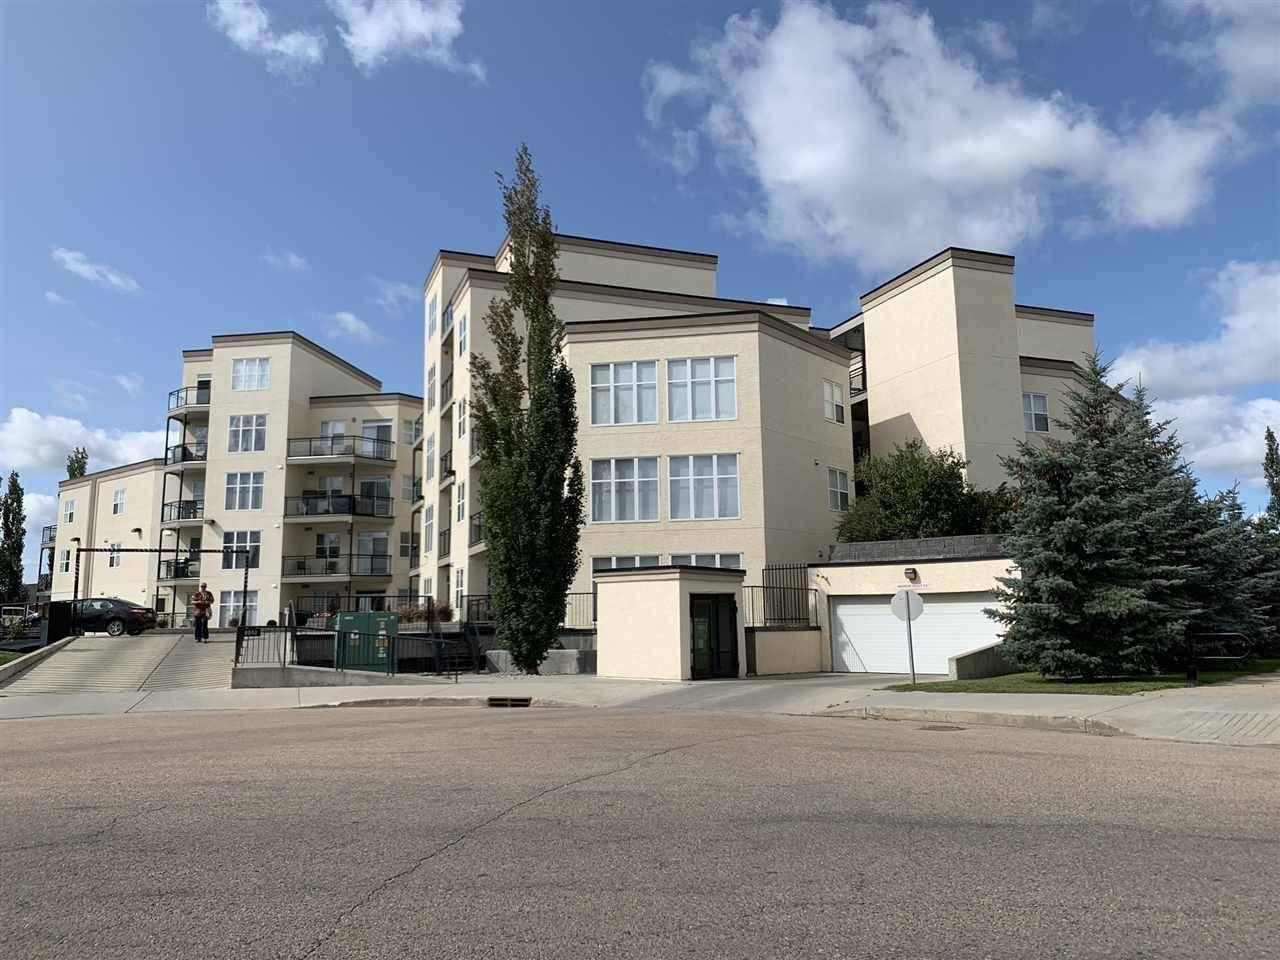 209 - 9940 Sherridon Drive, Fort Saskatchewan | Image 1